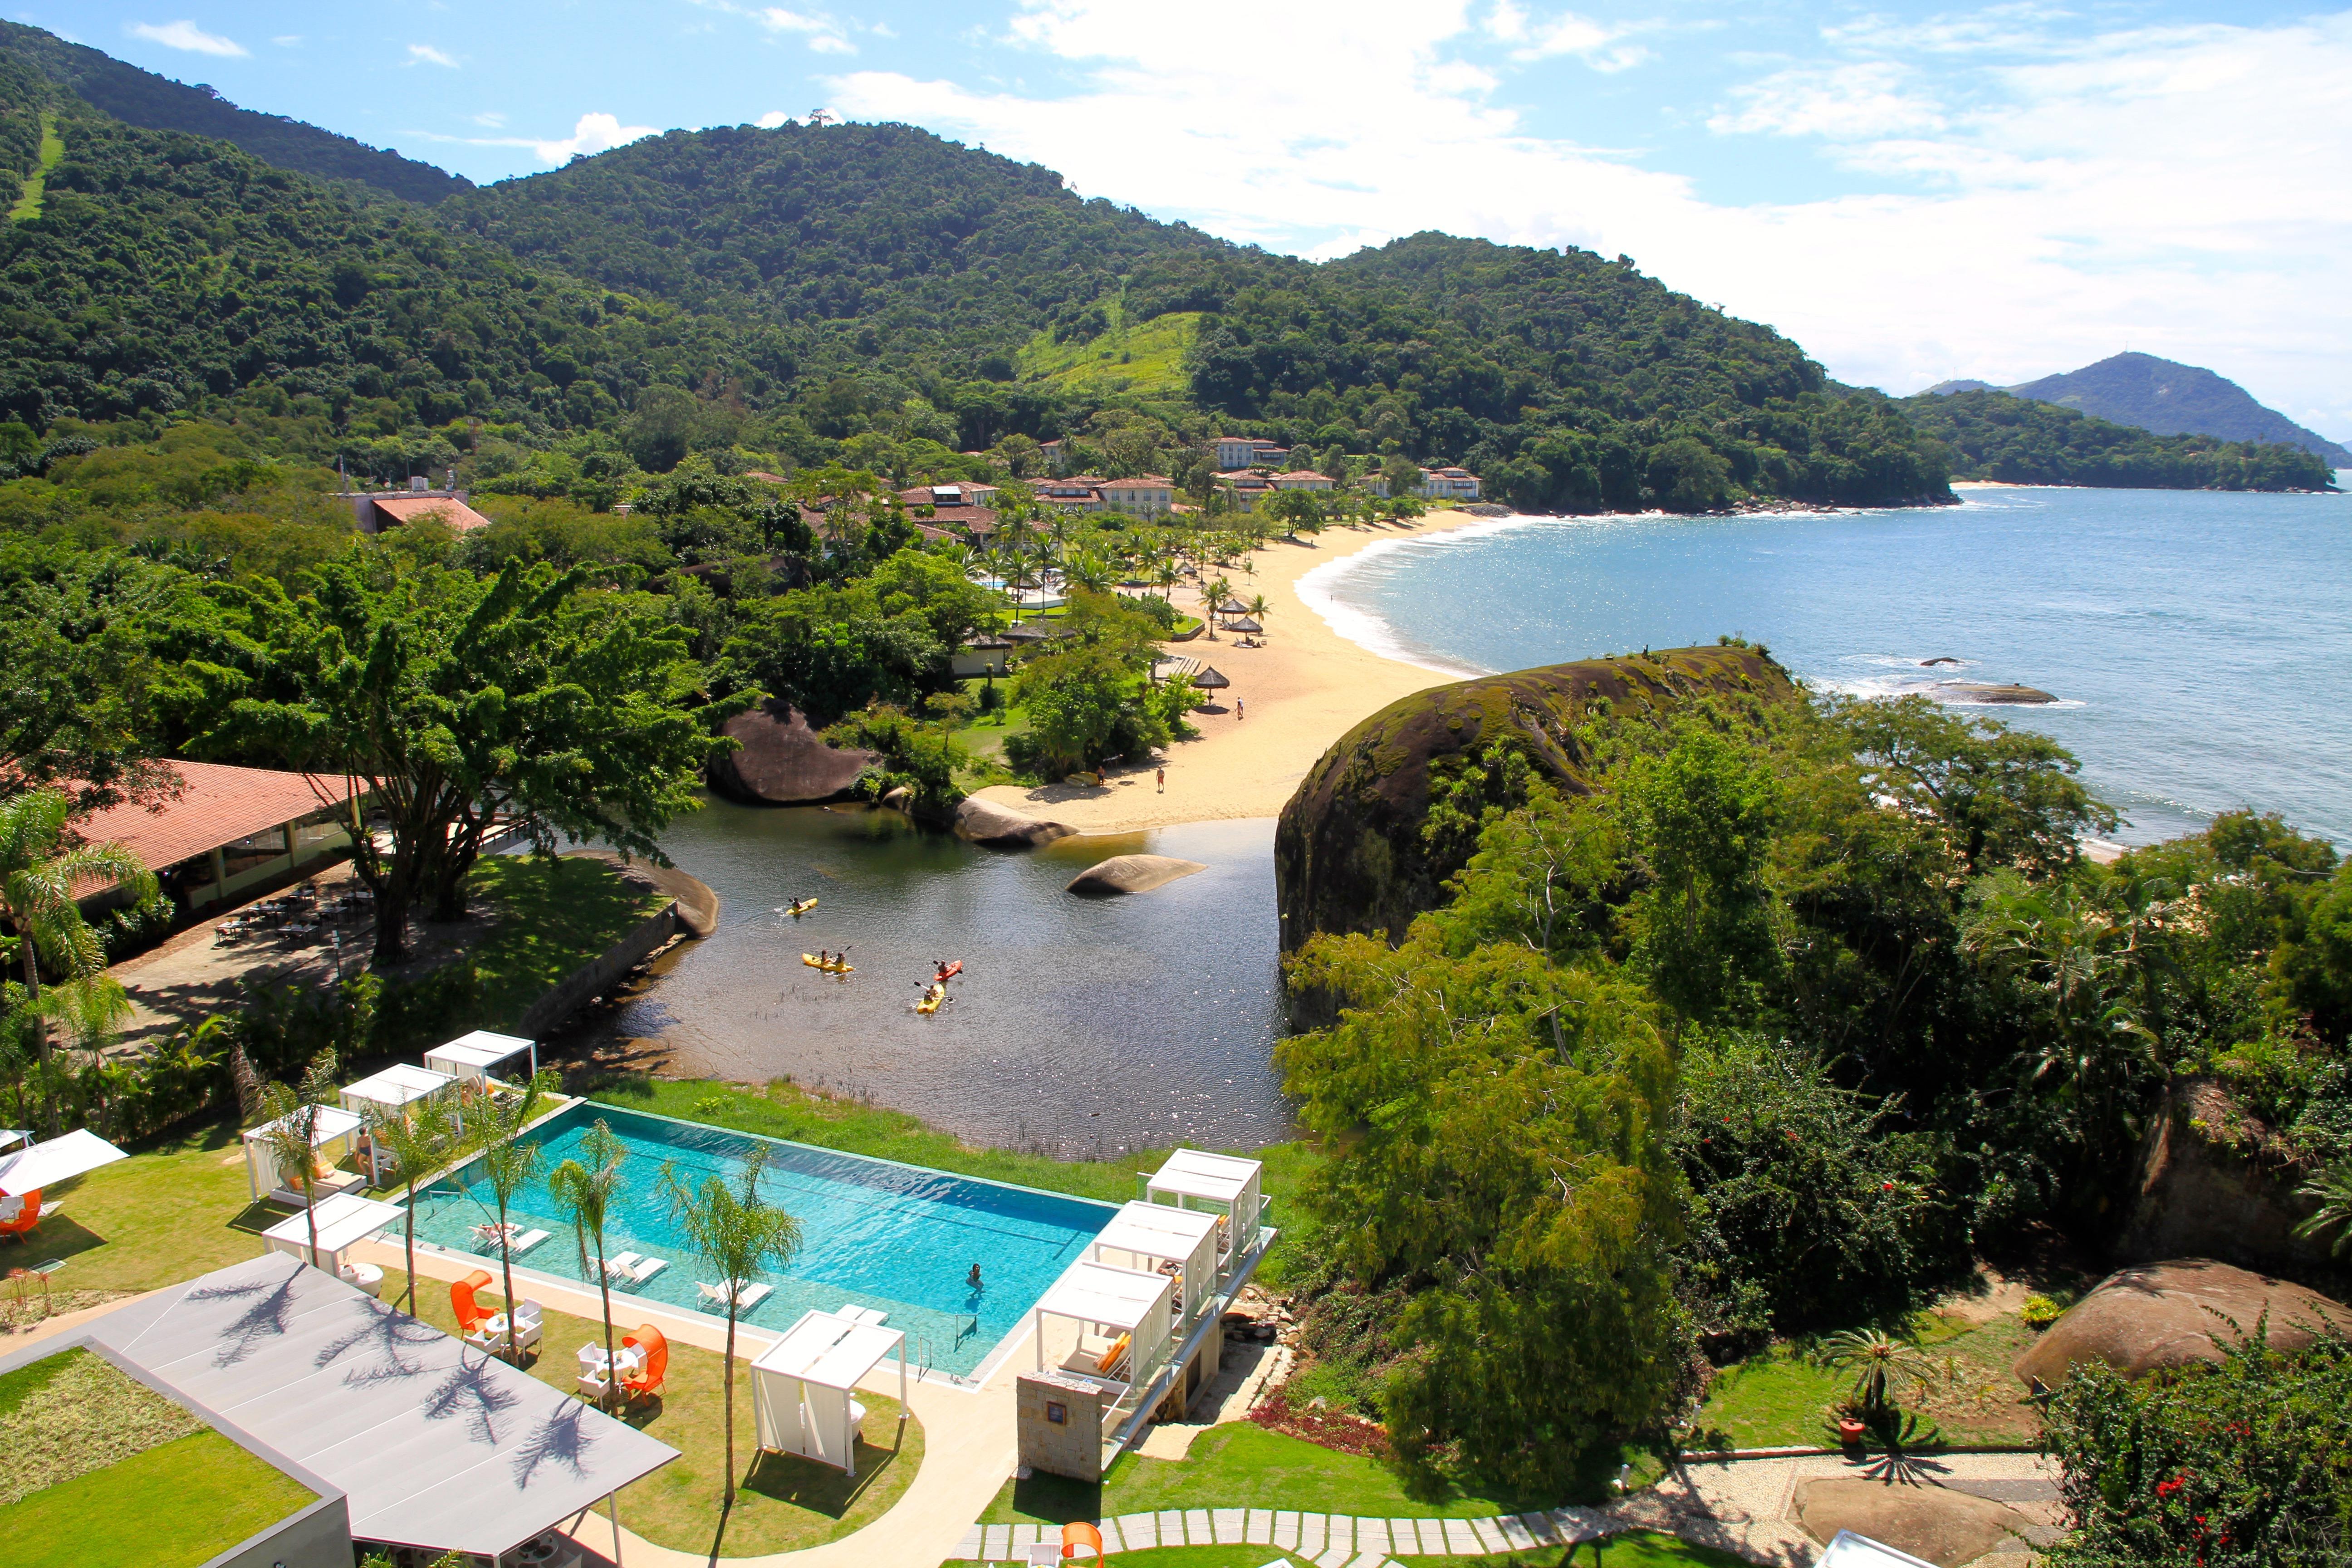 All inclusive resort in Rio Das Pedras